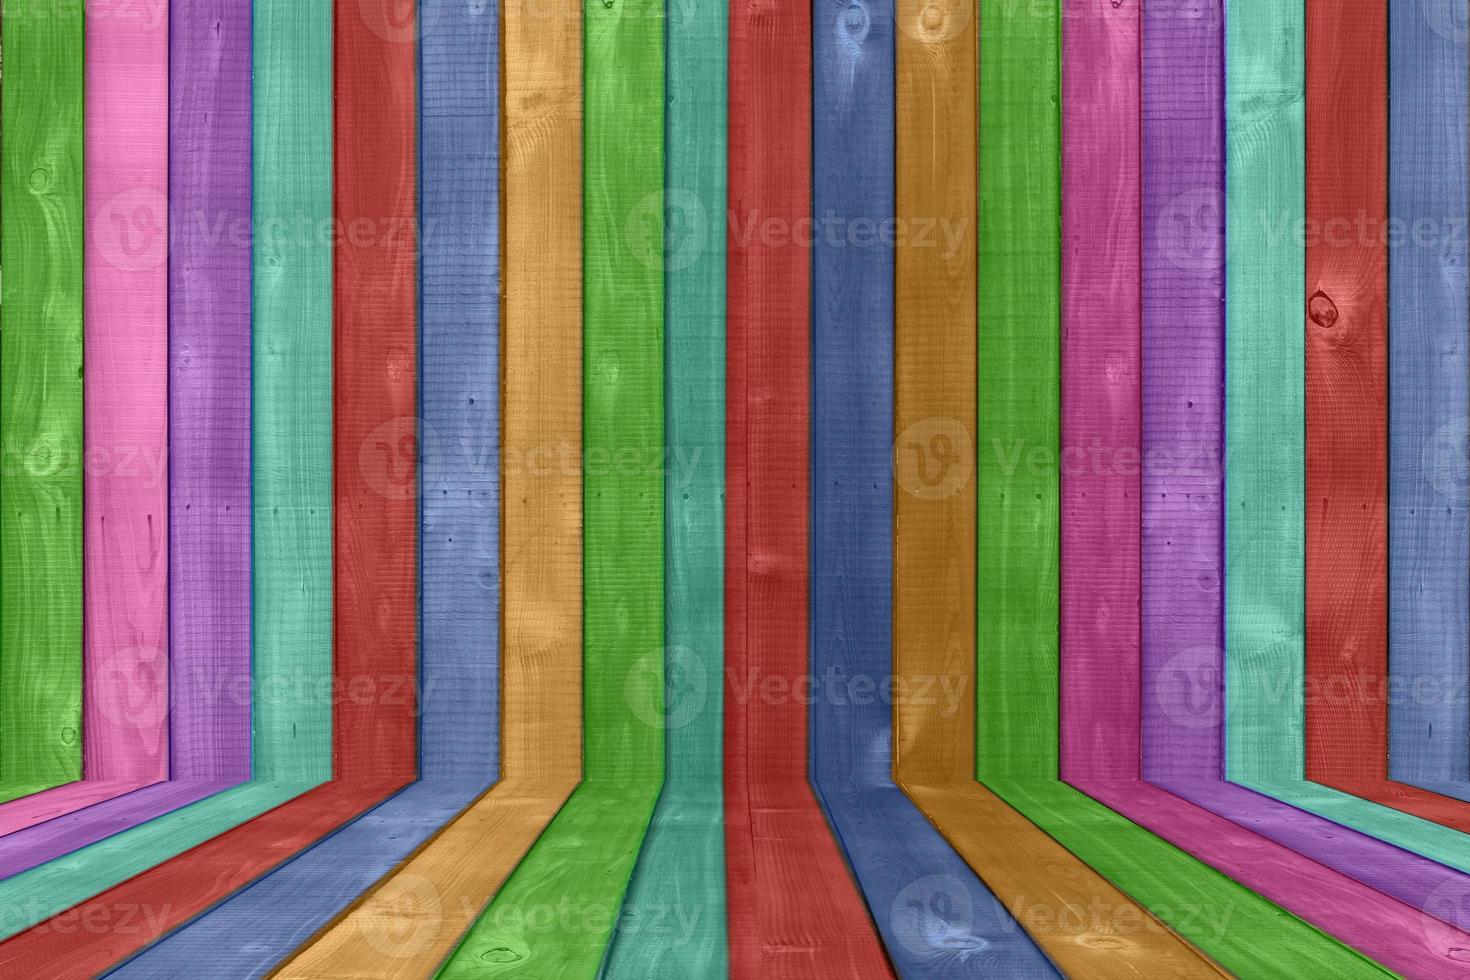 sfondo di recinzione in legno dai colori vivaci foto